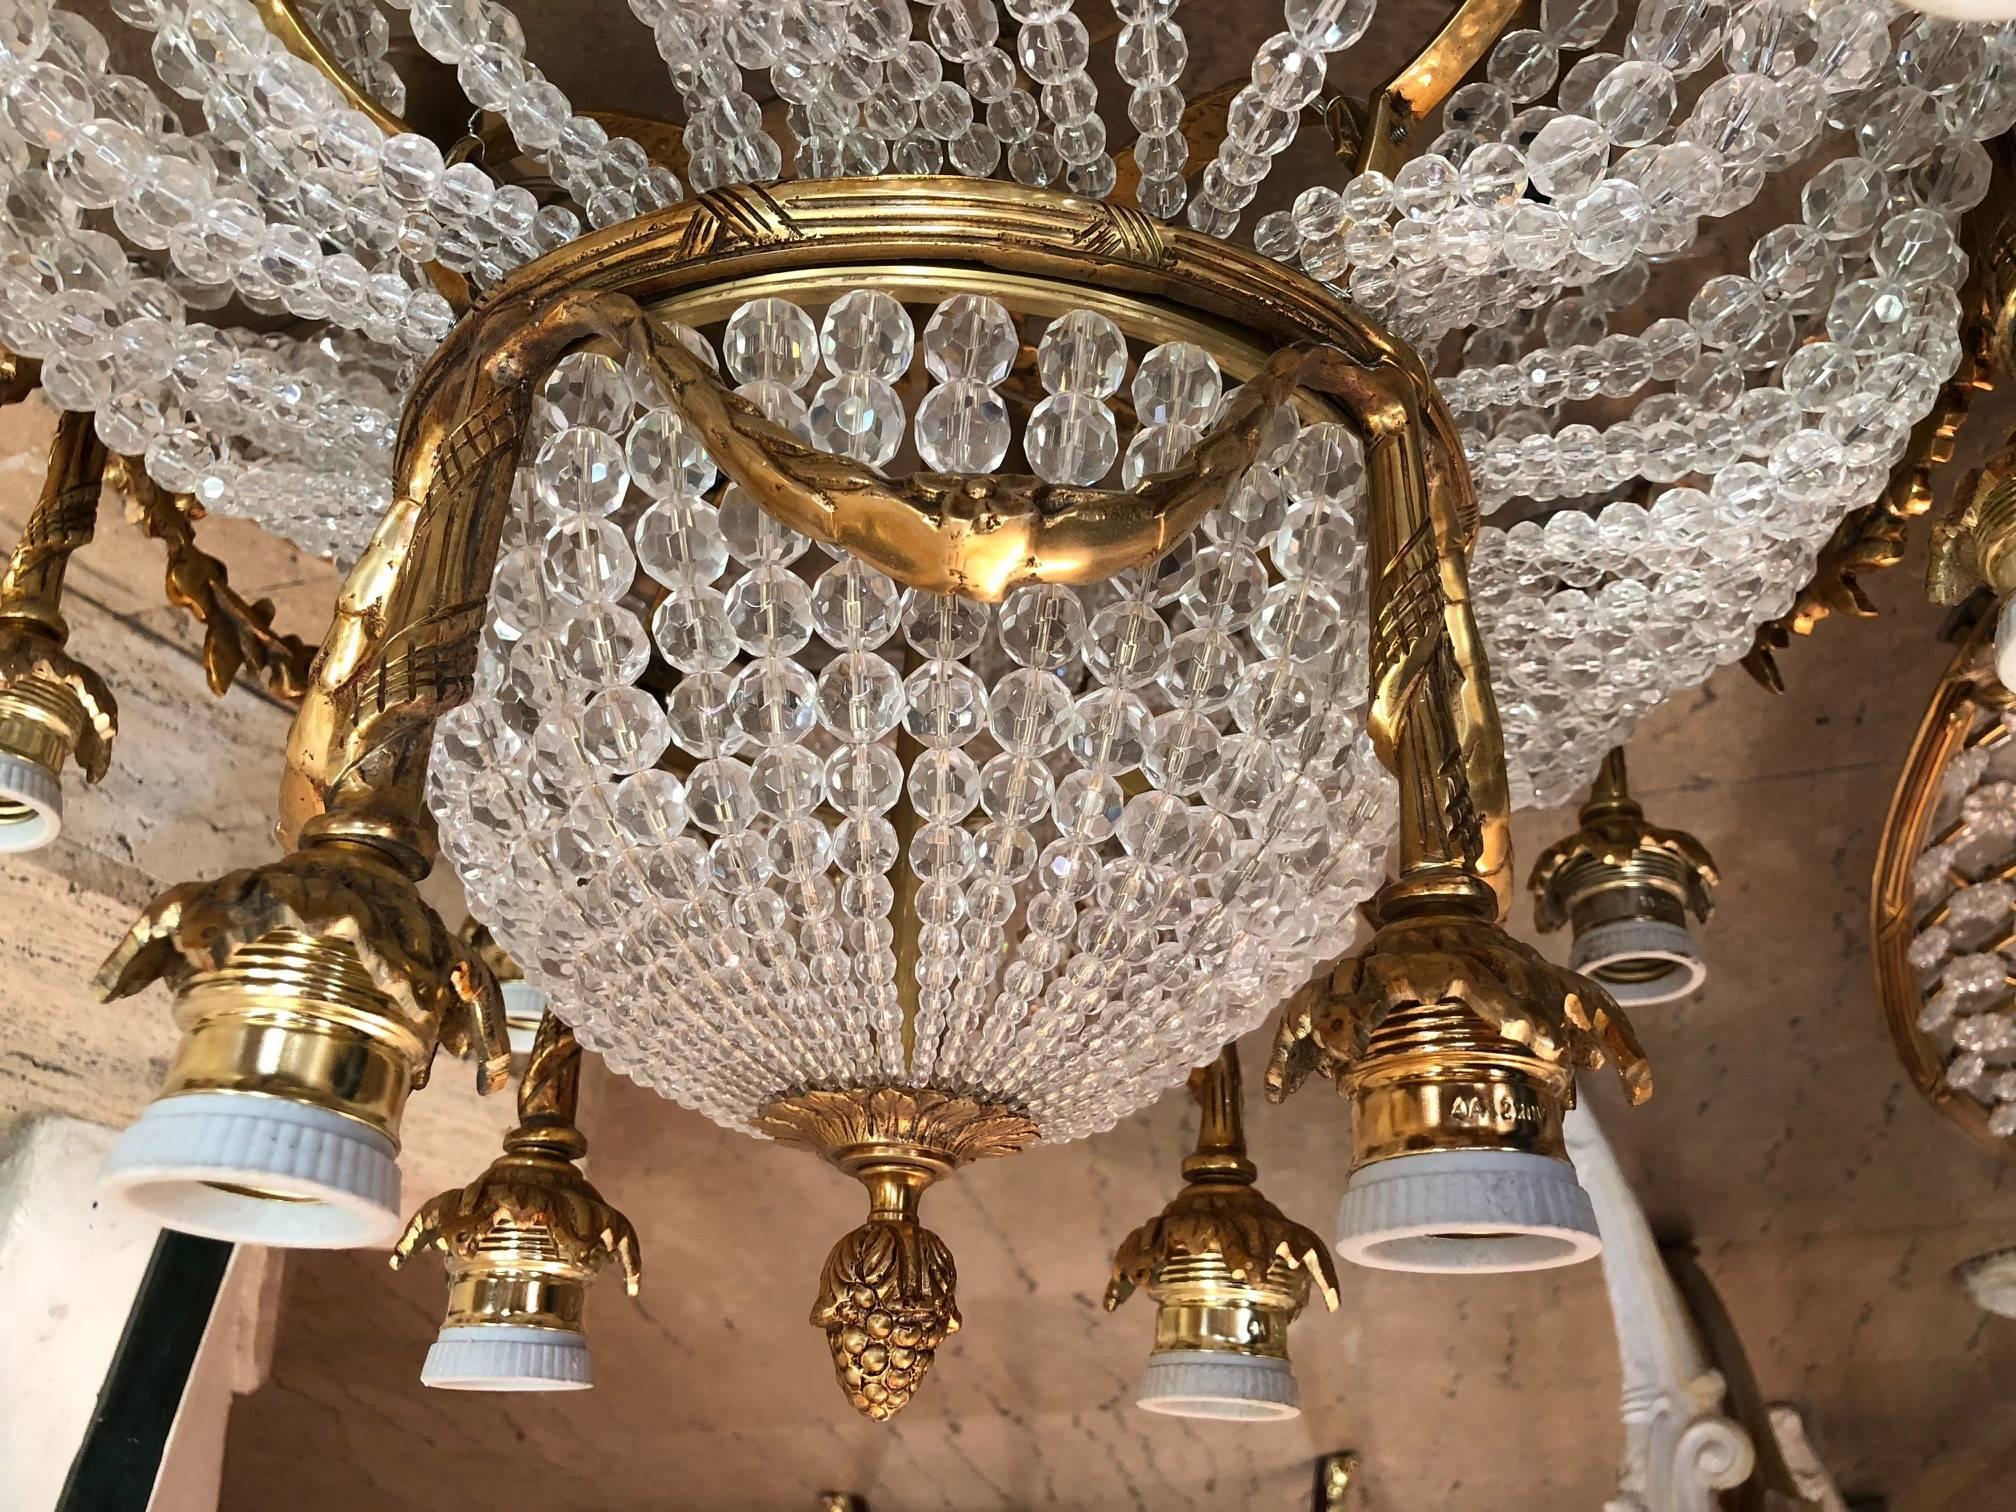 Plafoniere Deckenleuchte : Monumentalen louis seize stil runde wand deckenleuchte oder